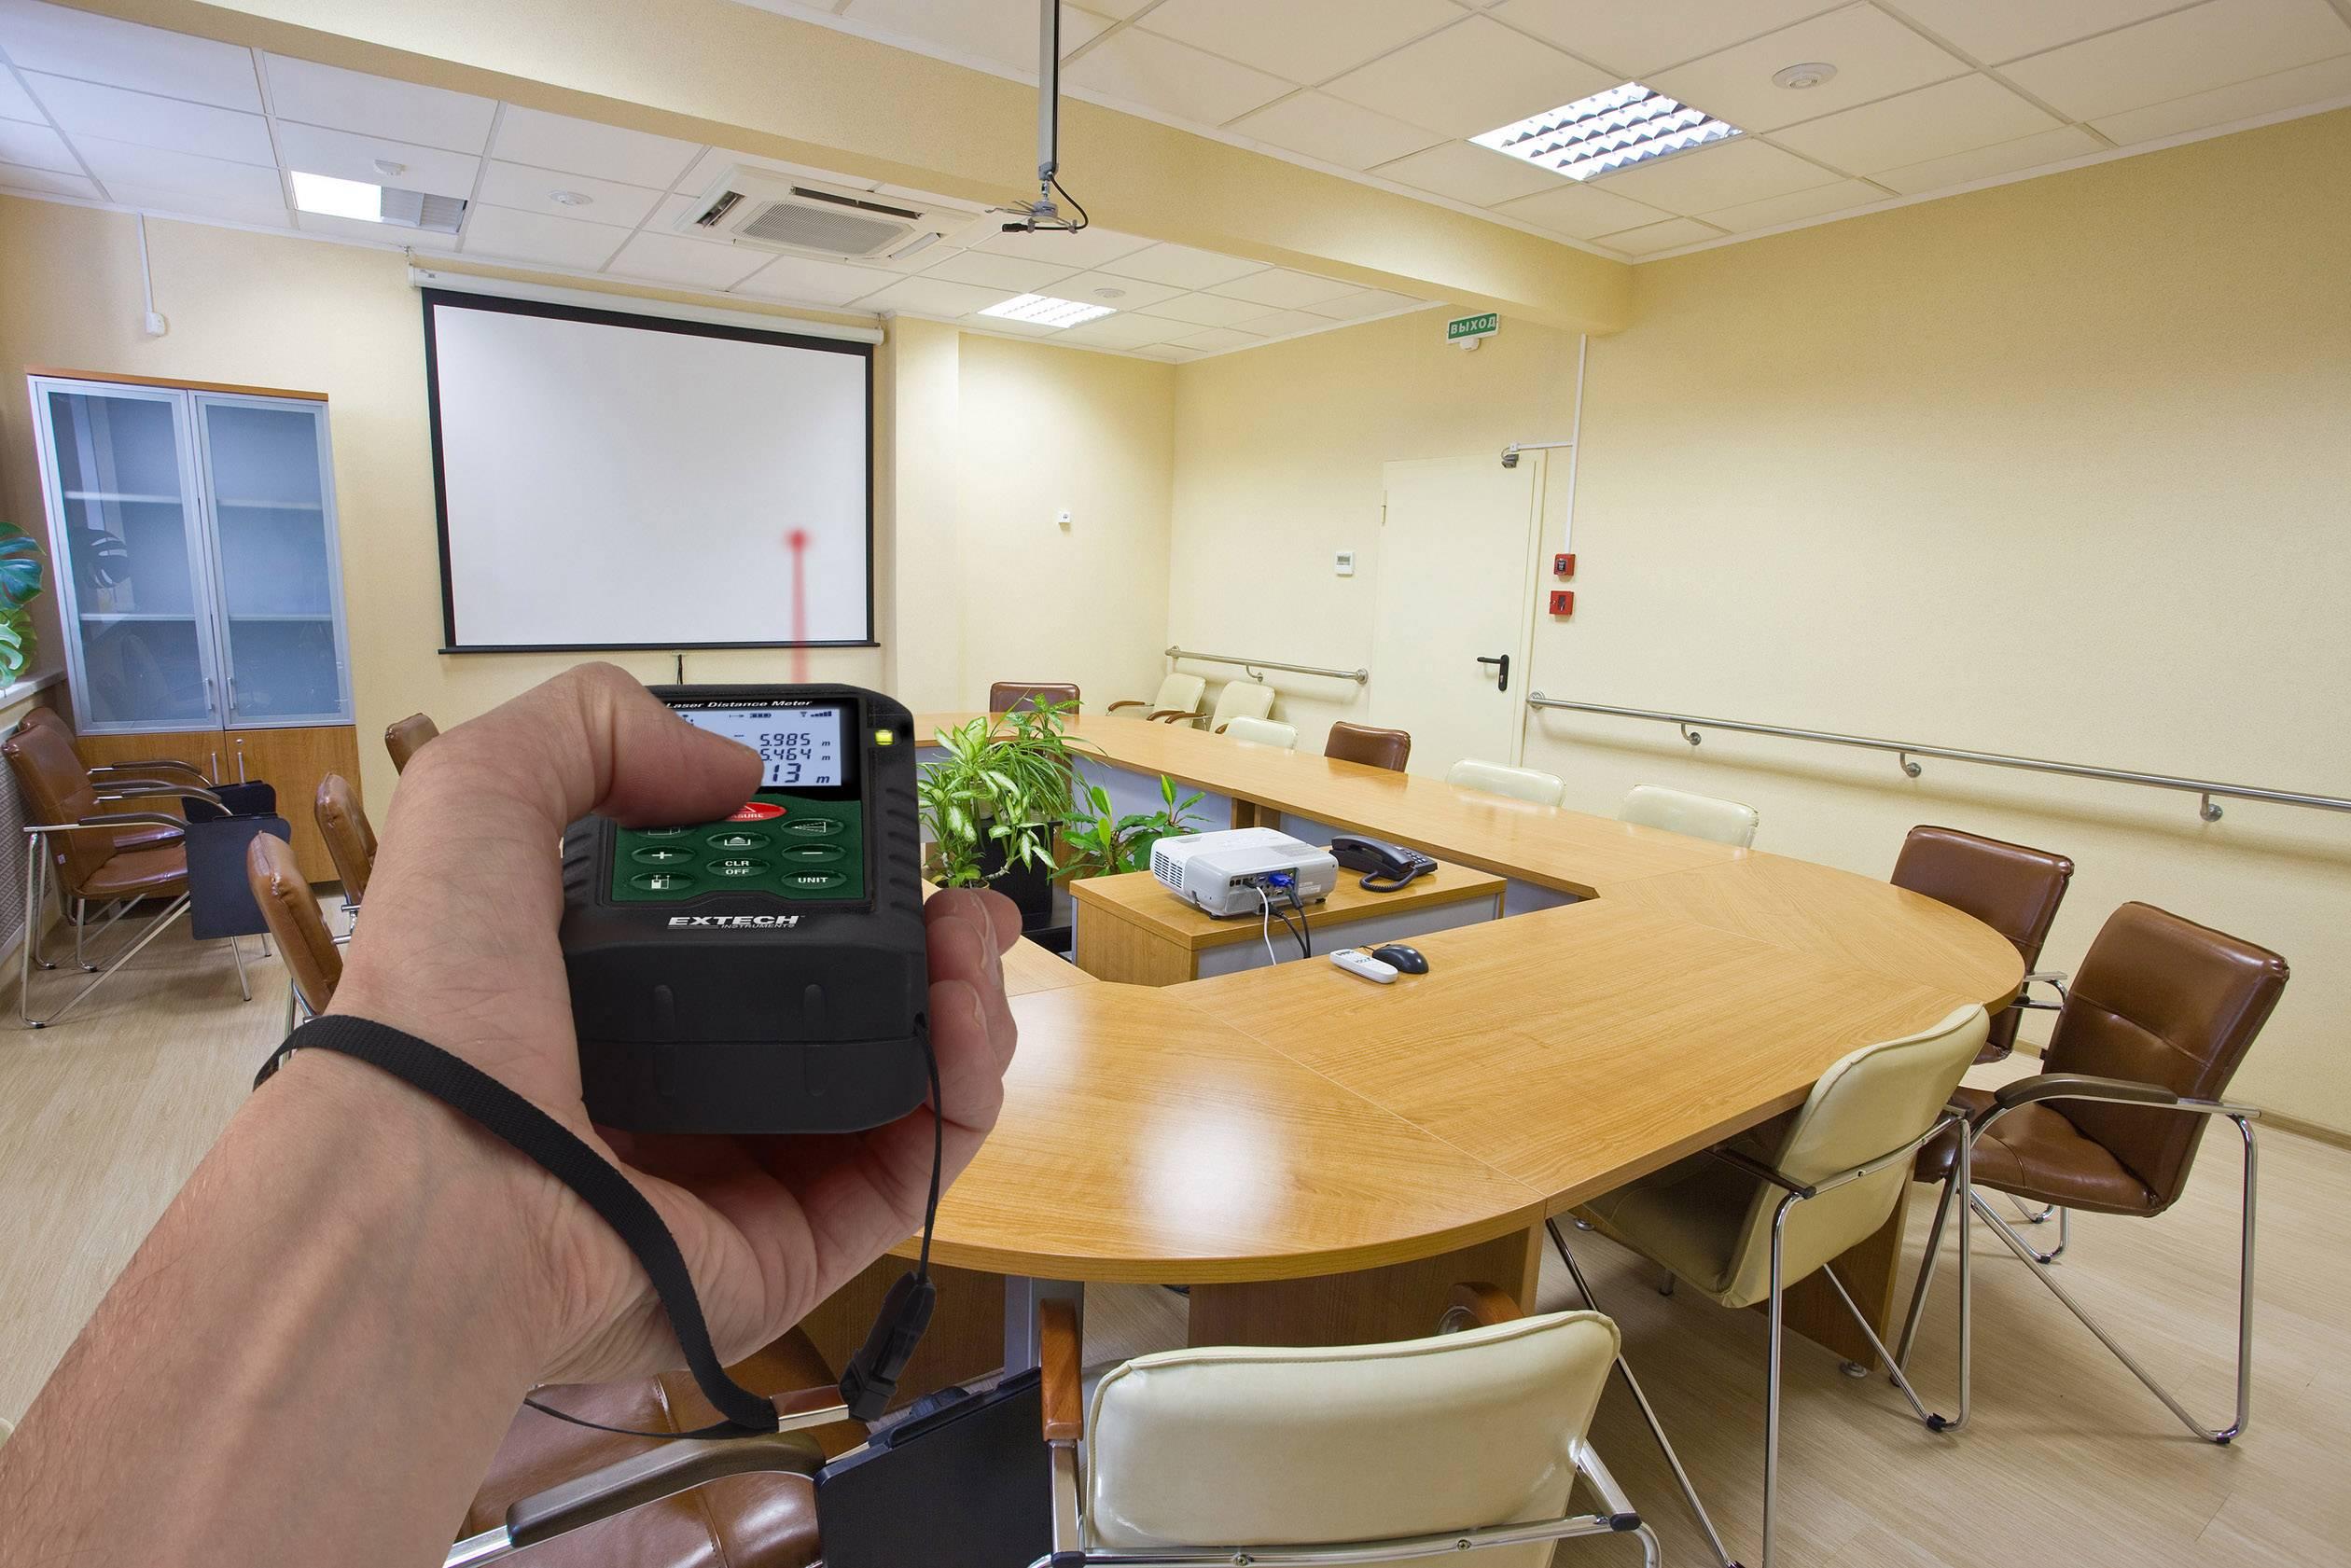 Skil Ultraschall Entfernungsmesser 0520 : Extech dt m laser entfernungsmesser messbereich max kaufen